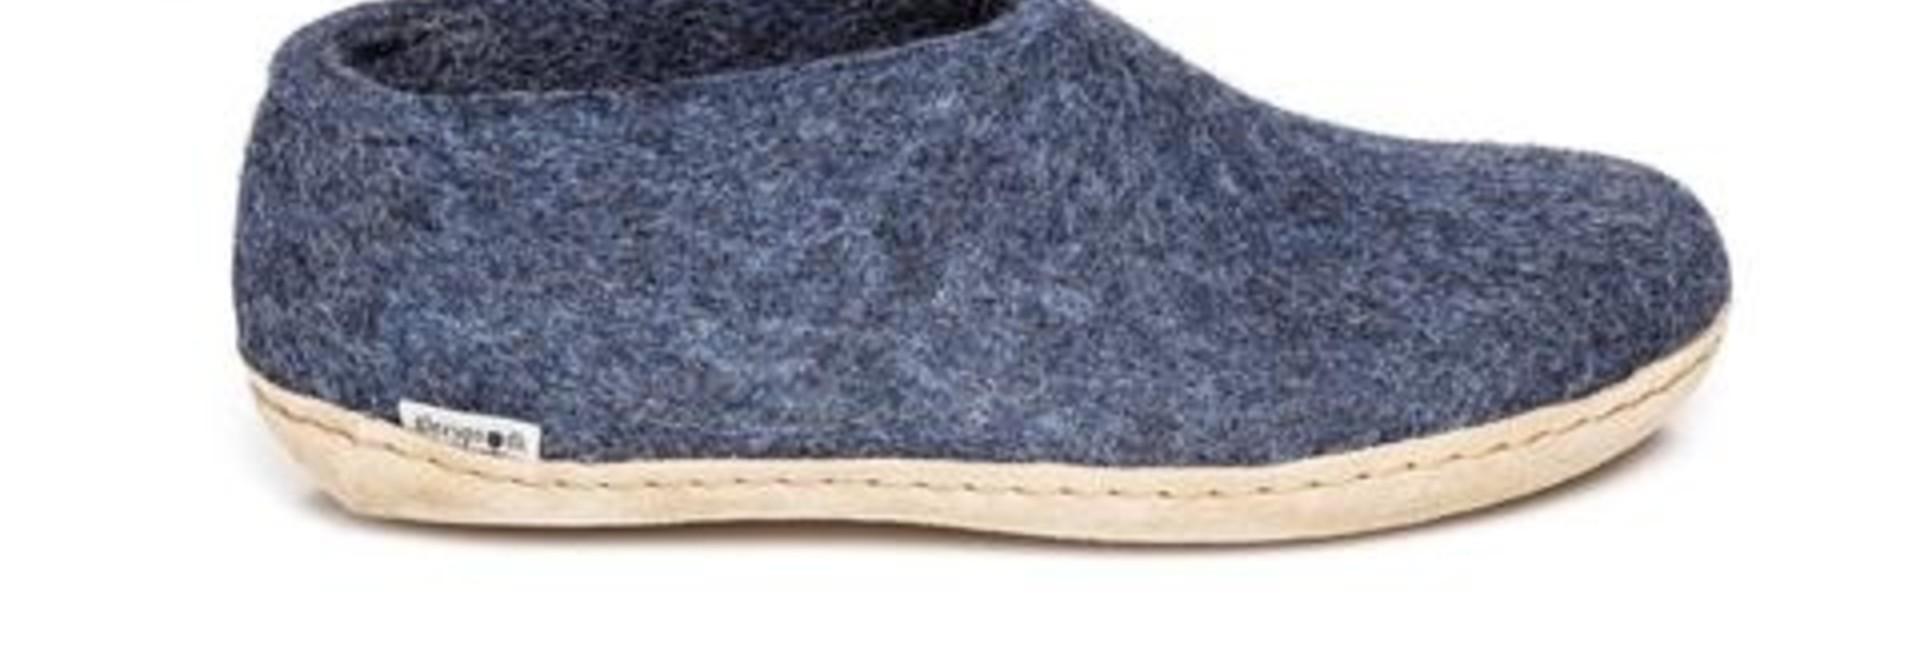 Glerups Shoe